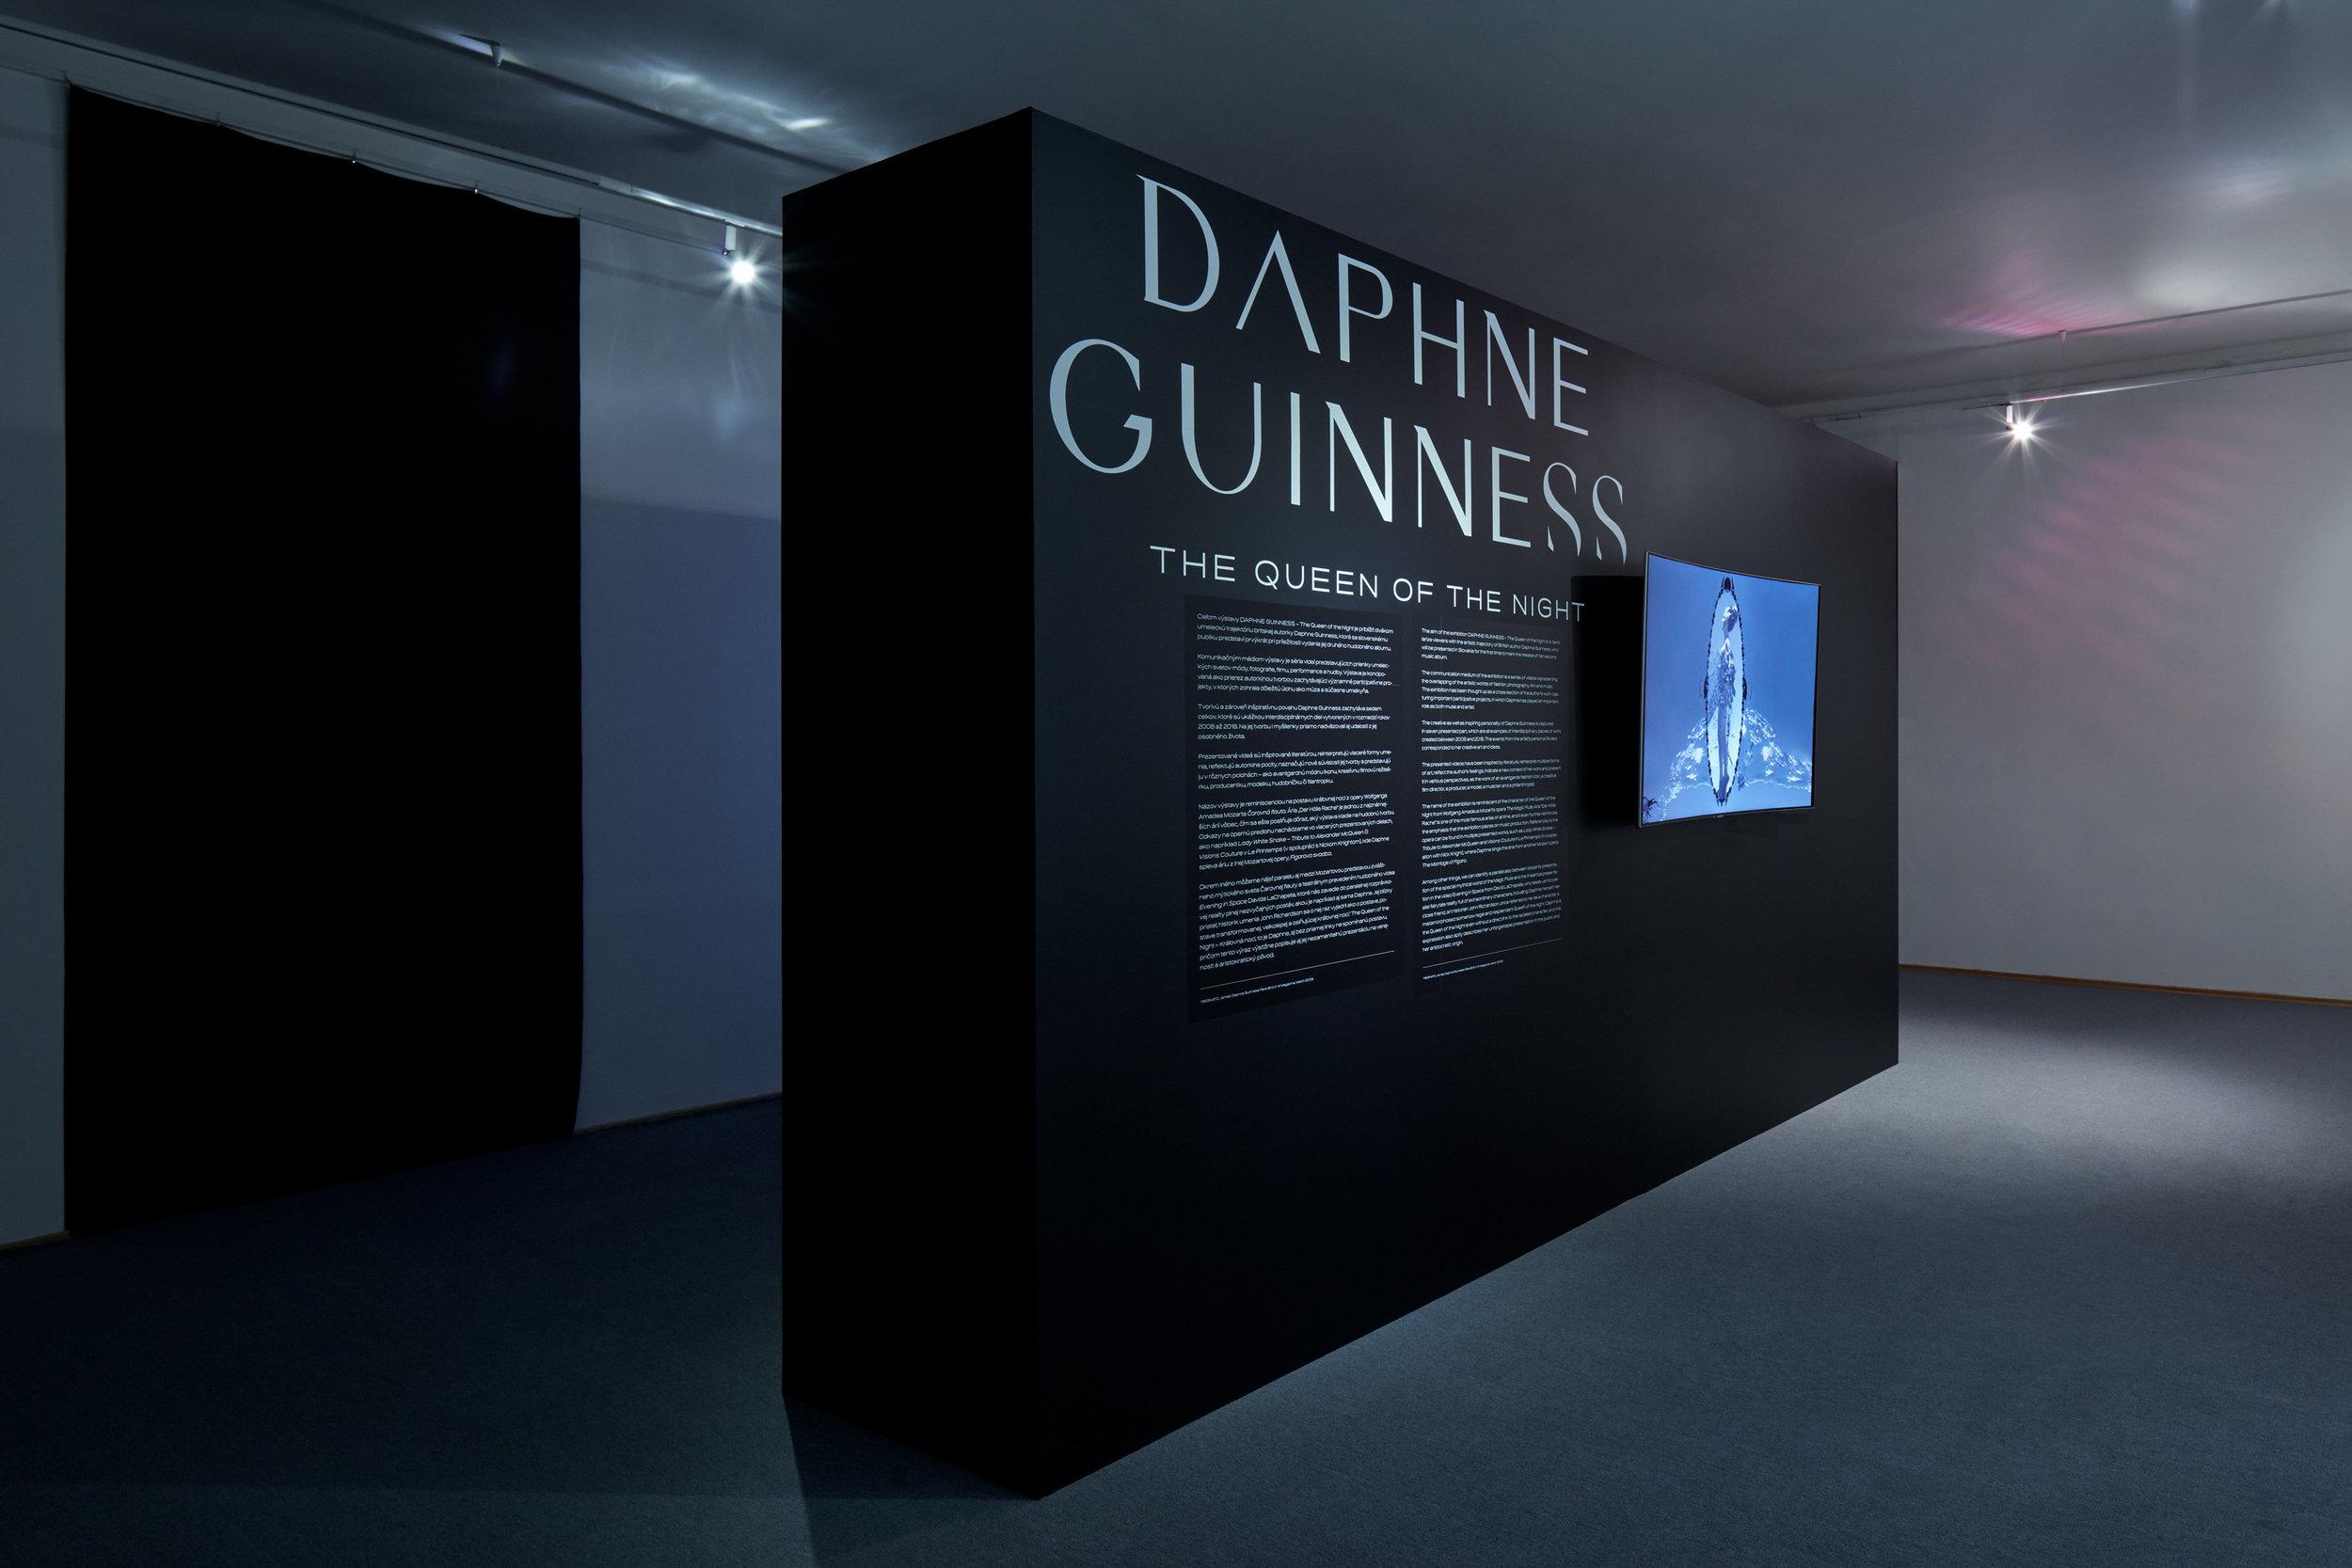 Daphne_Guinness_15.jpg